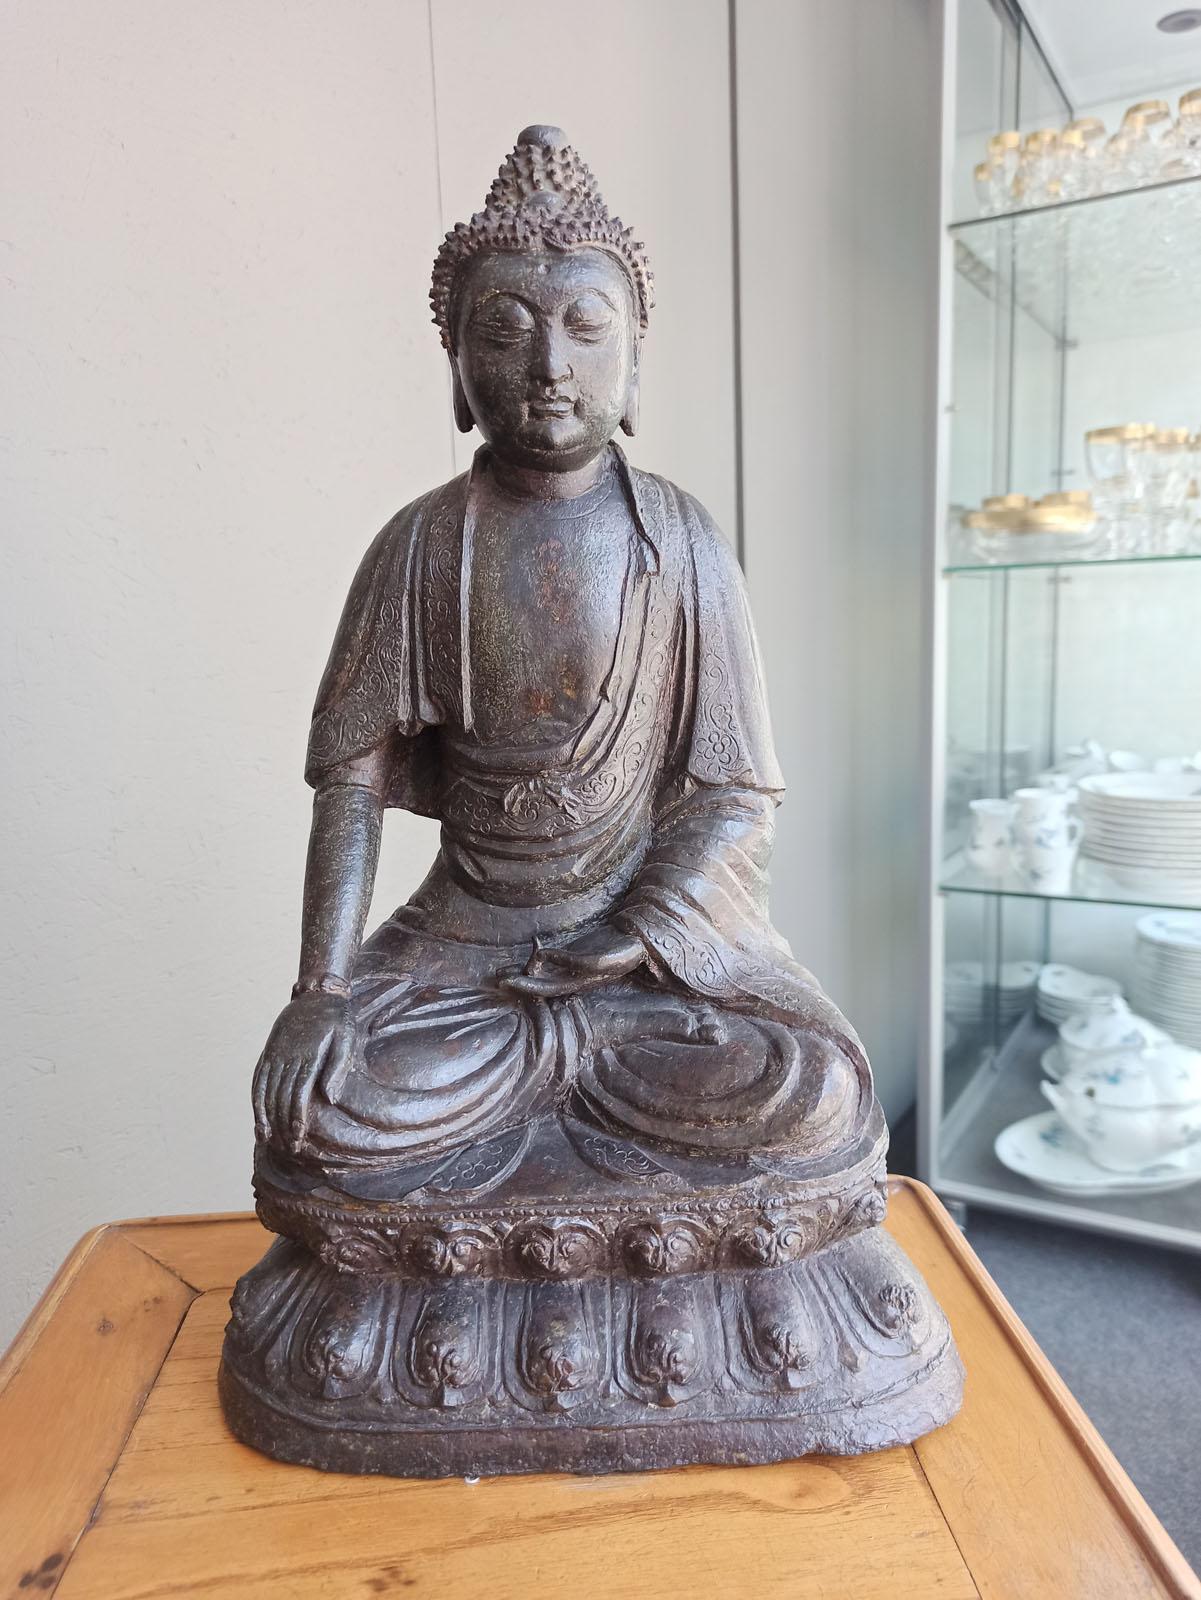 A BRONZE FIGURE OF BUDDHA SHAKYAMUNI - Image 2 of 6